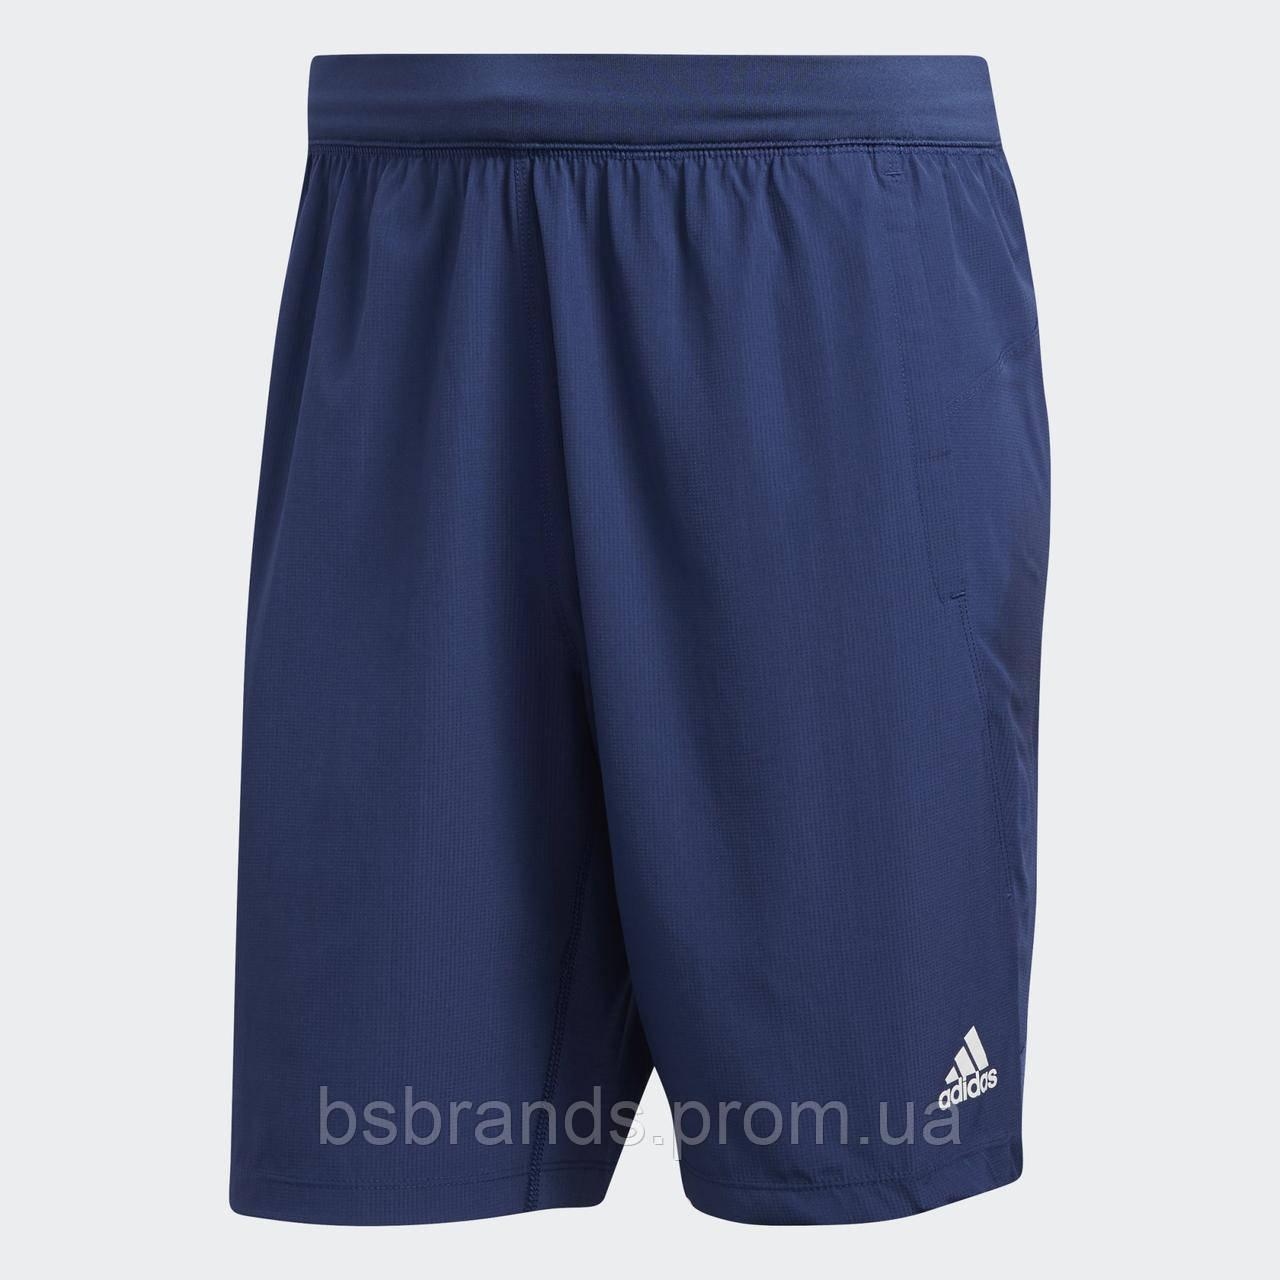 Мужские шорты adidas 4KRFT Sport Woven FL4598 (2020/1)